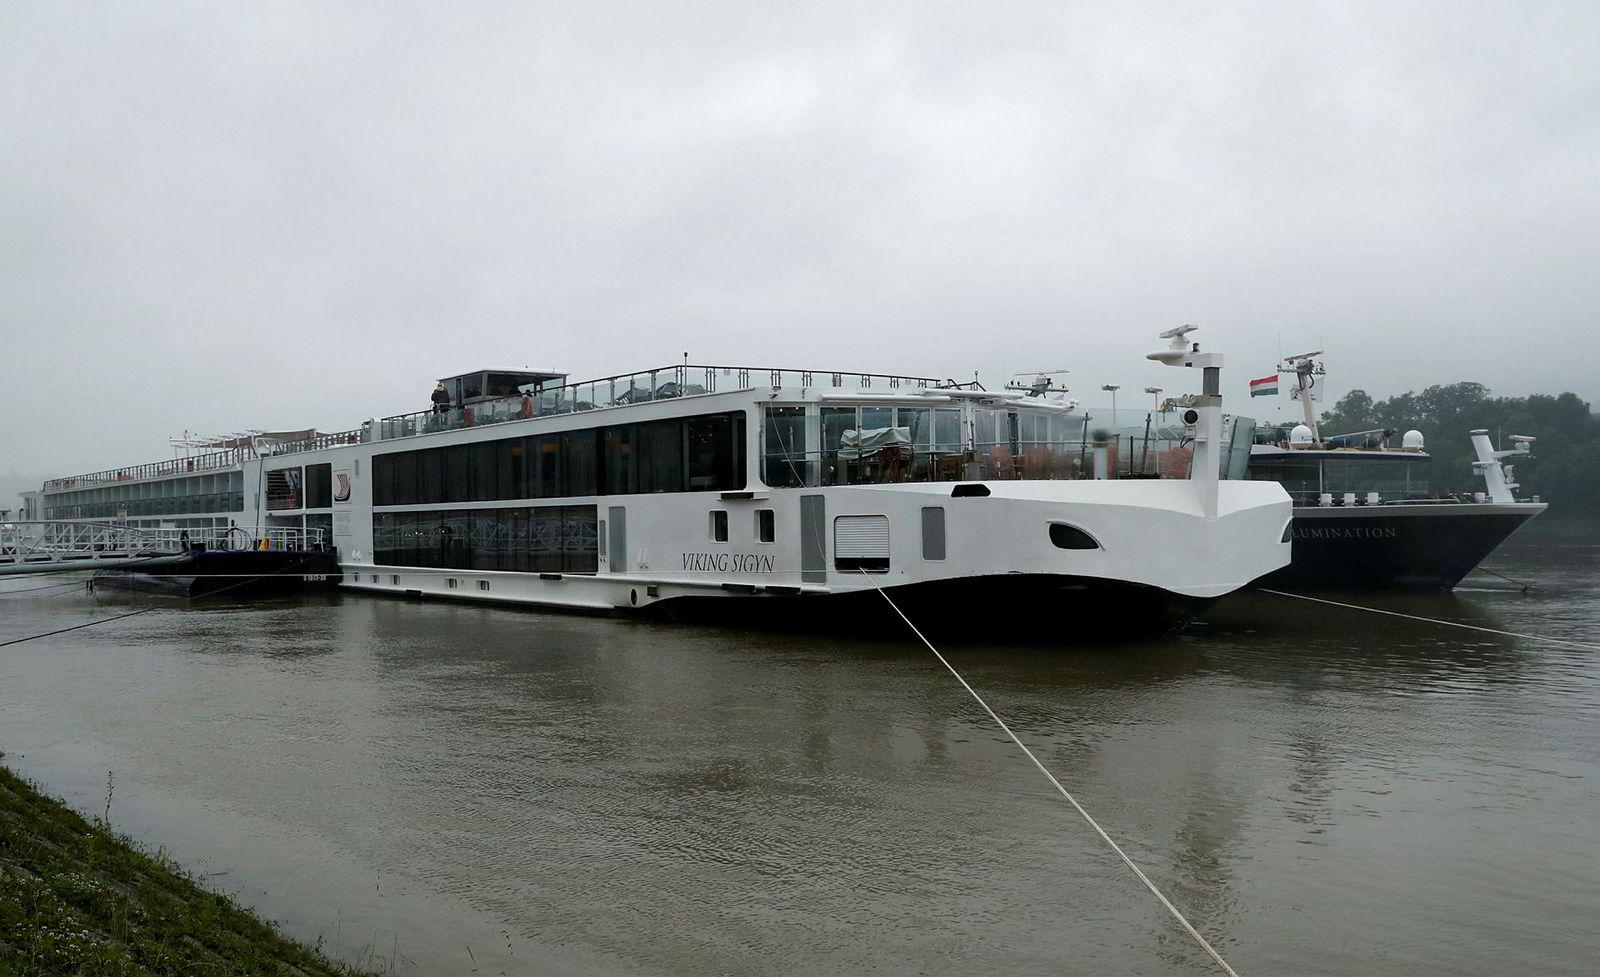 Ingen om bord på det norskeide elvecruiseskipet skal ha blitt skadd. Selskapet opplyser at det samarbeider med myndighetene.